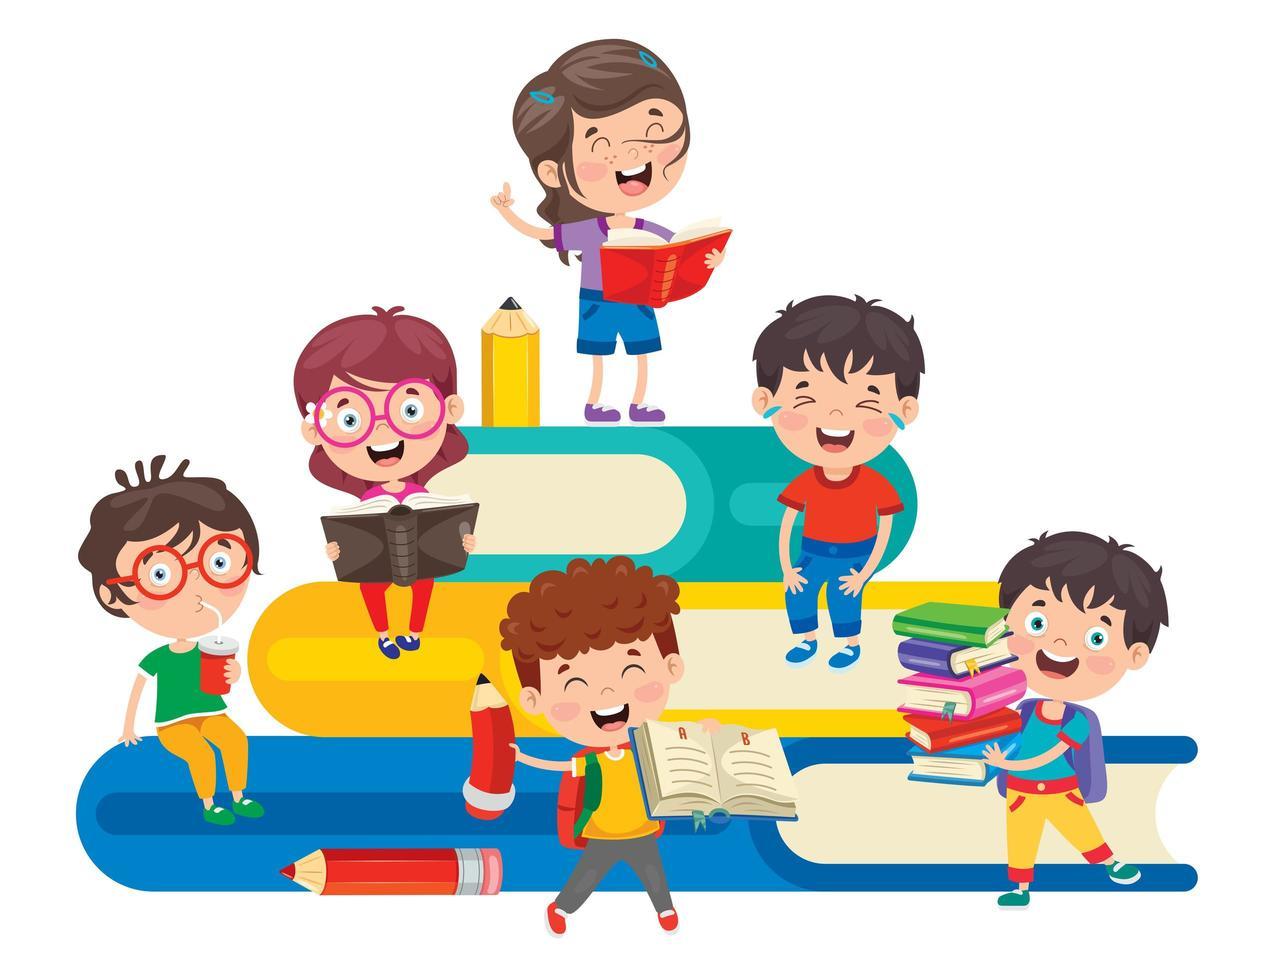 crianças em idade escolar estudando na pilha de grandes livros vetor